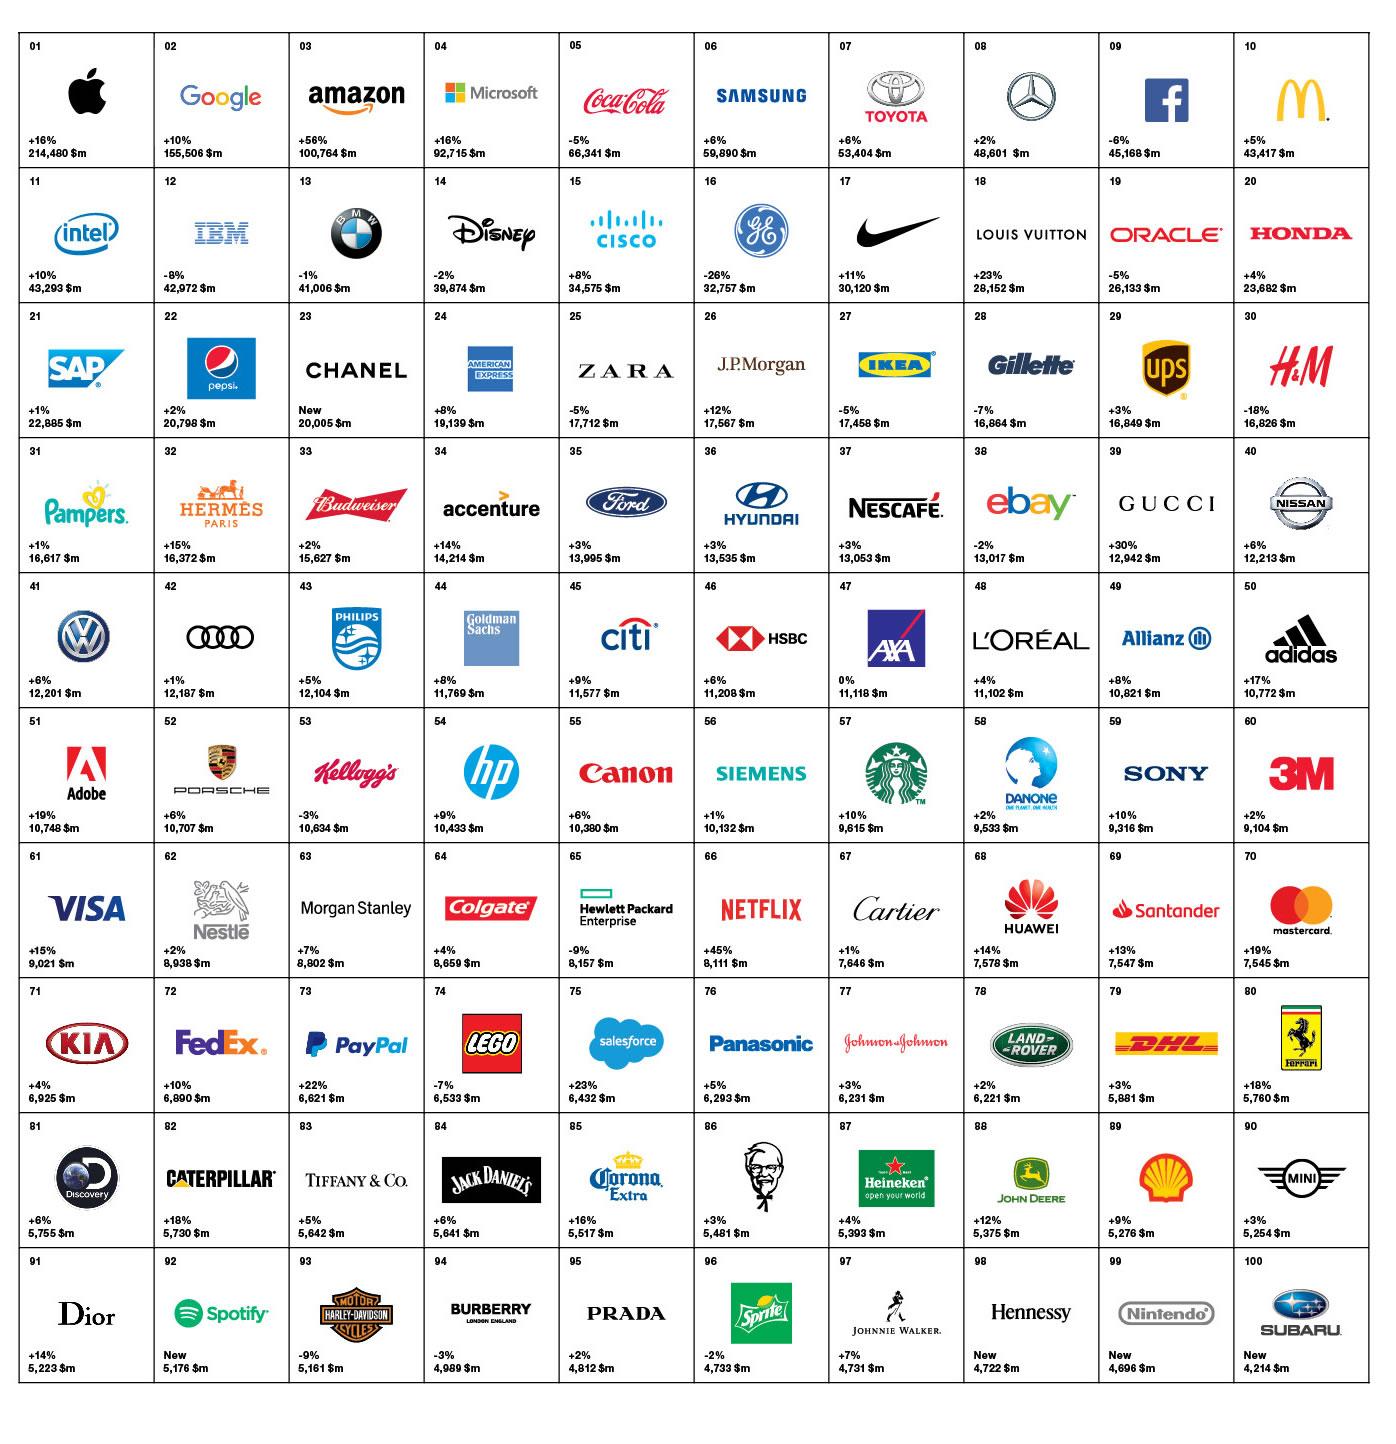 las mejores marcas de 2018